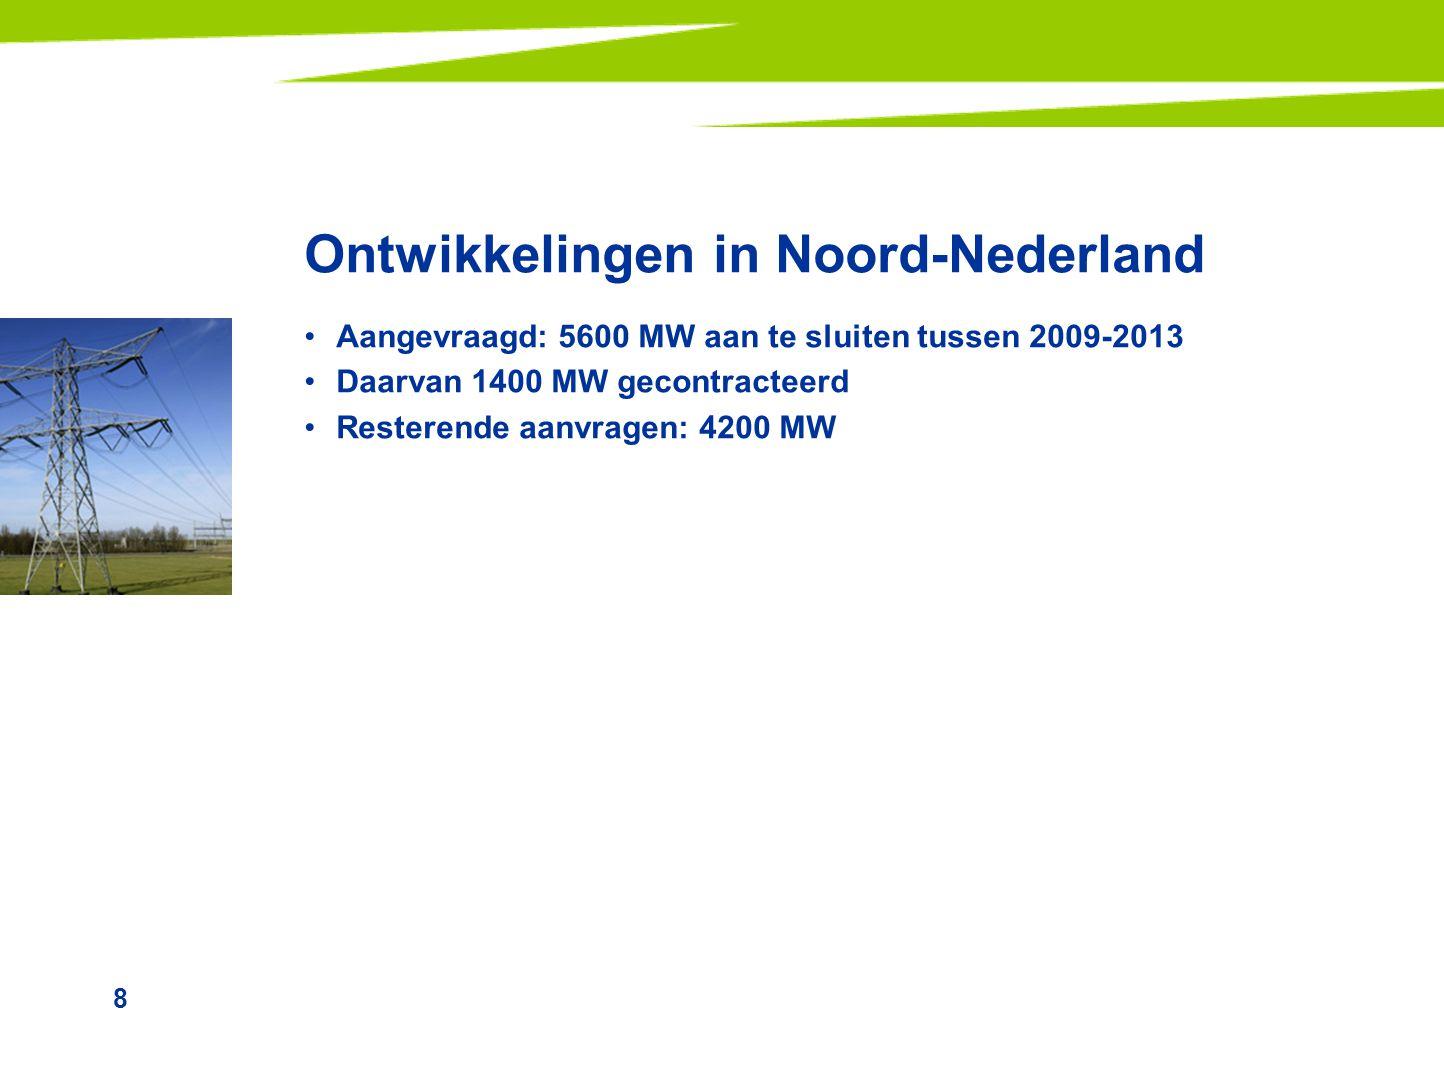 8 Ontwikkelingen in Noord-Nederland •Aangevraagd: 5600 MW aan te sluiten tussen 2009-2013 •Daarvan 1400 MW gecontracteerd •Resterende aanvragen: 4200 MW